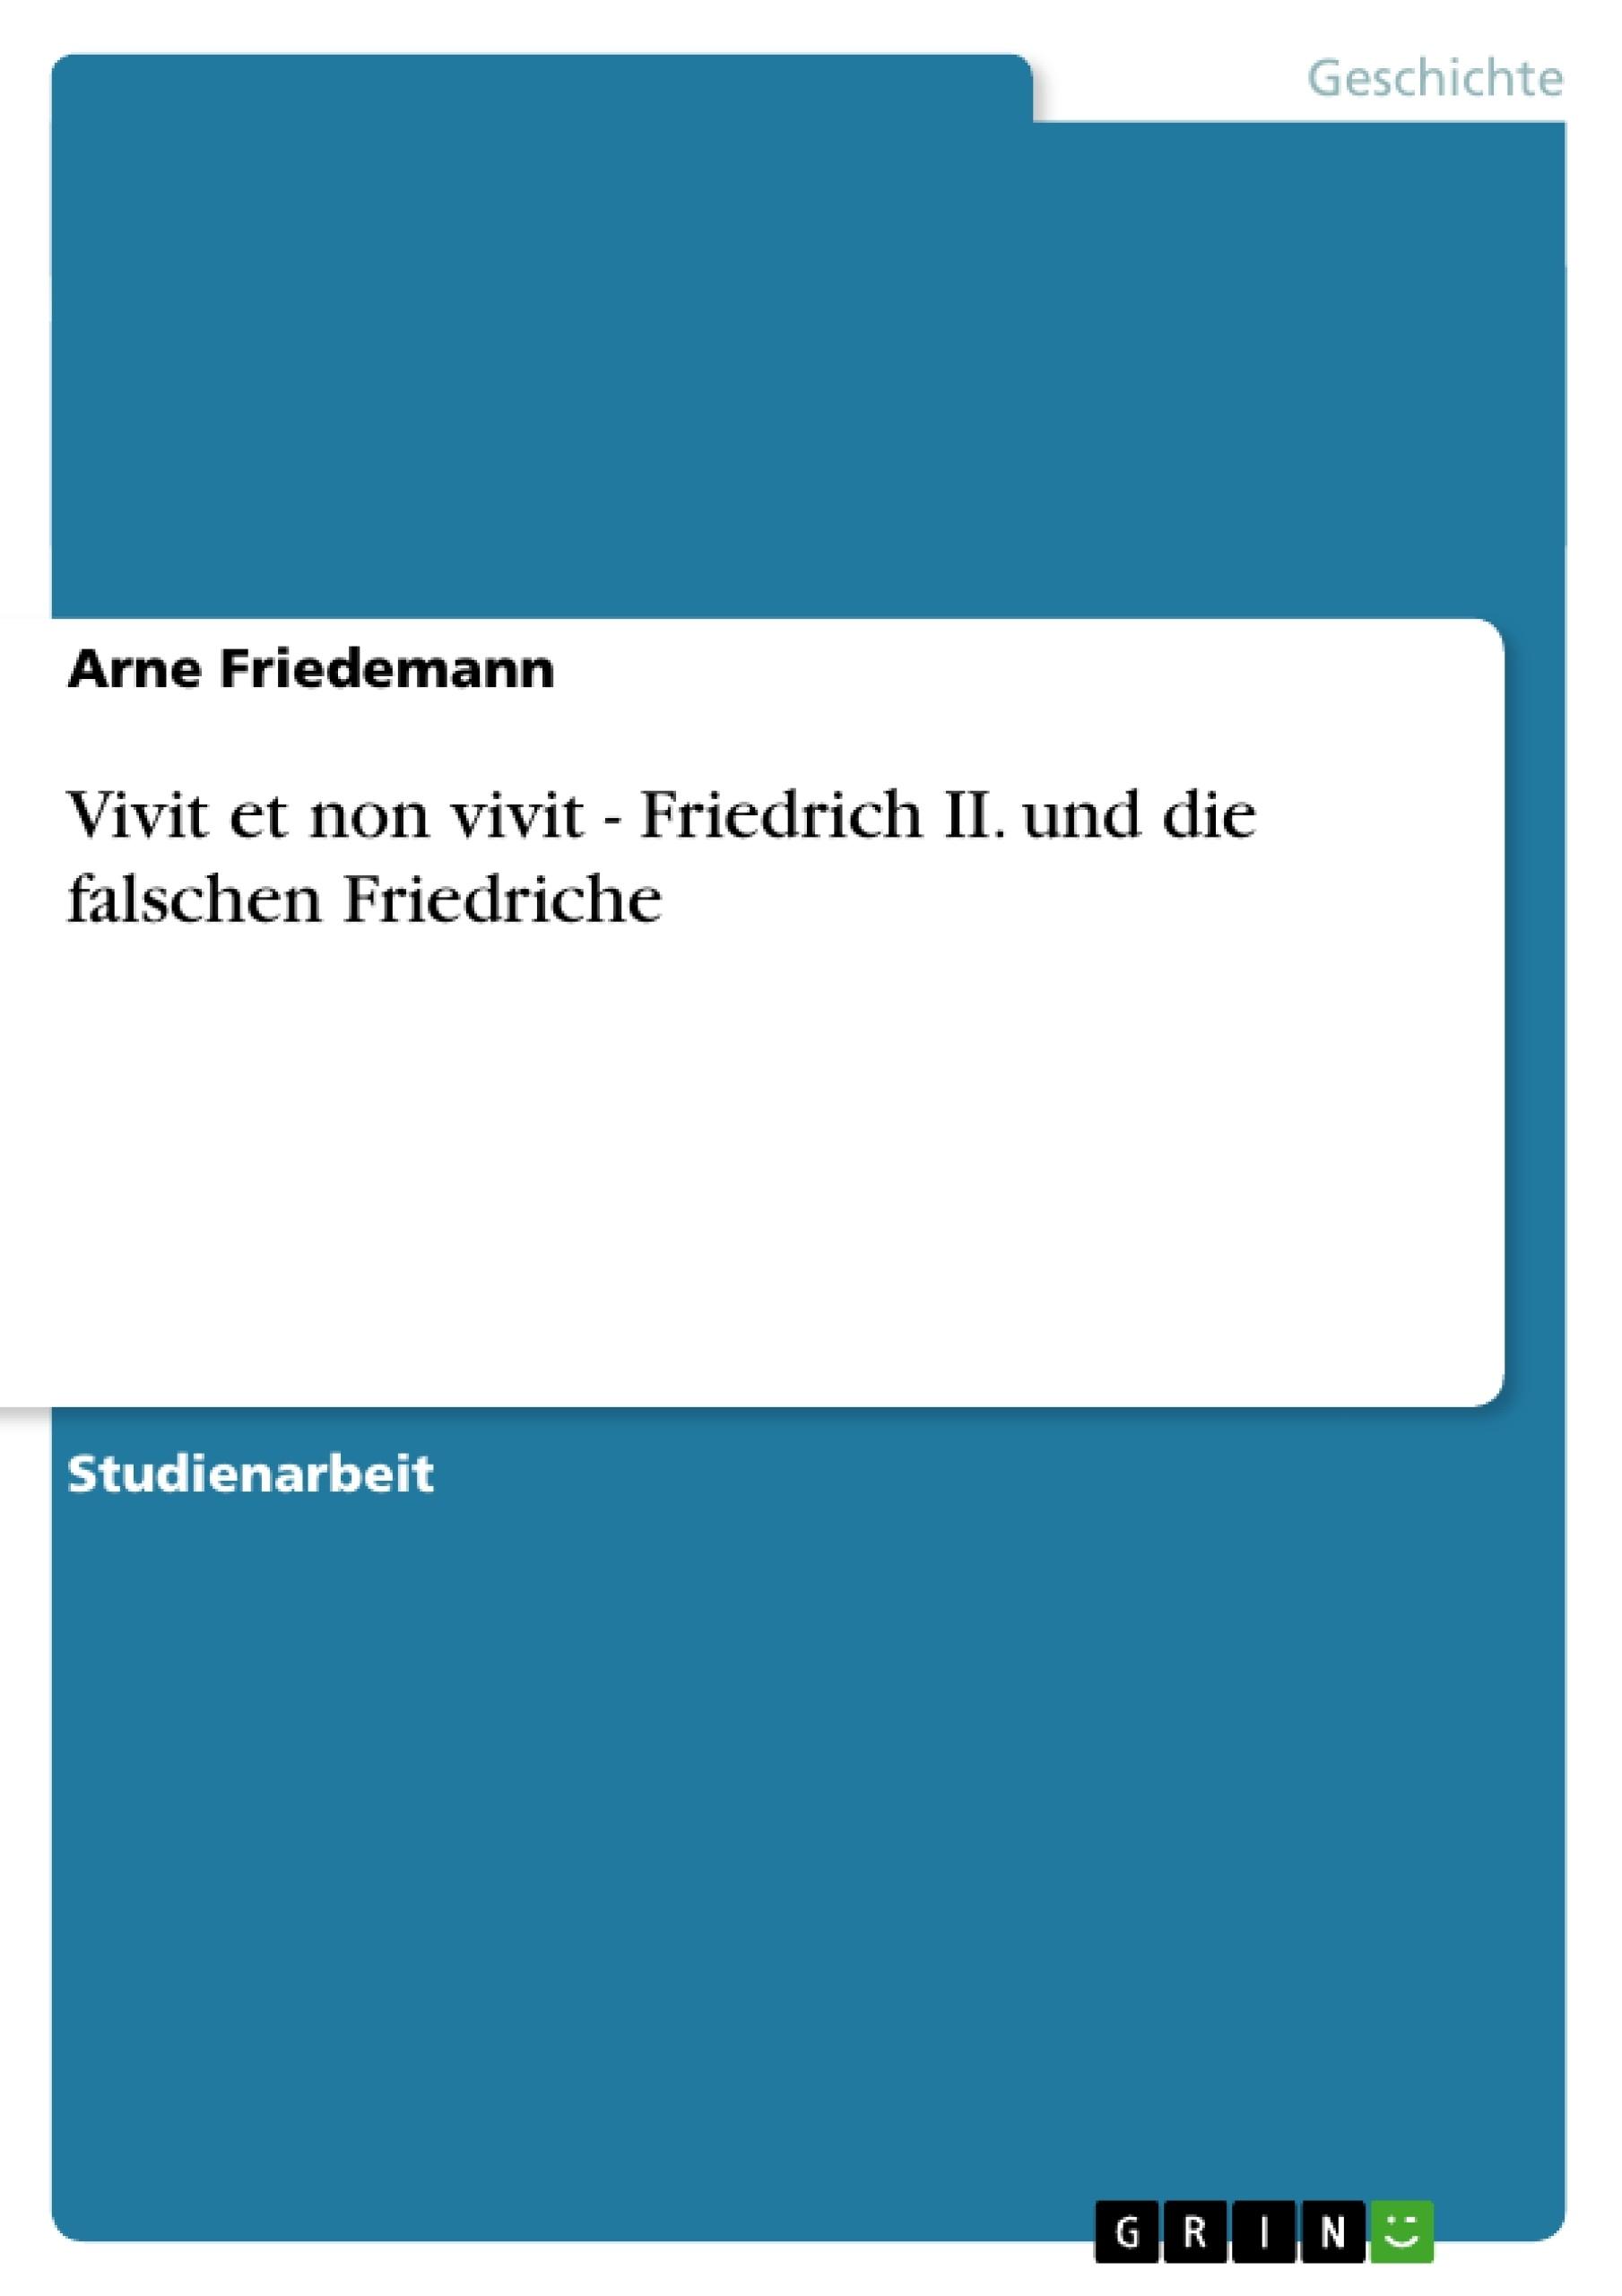 Titel: Vivit et non vivit - Friedrich II. und die falschen Friedriche